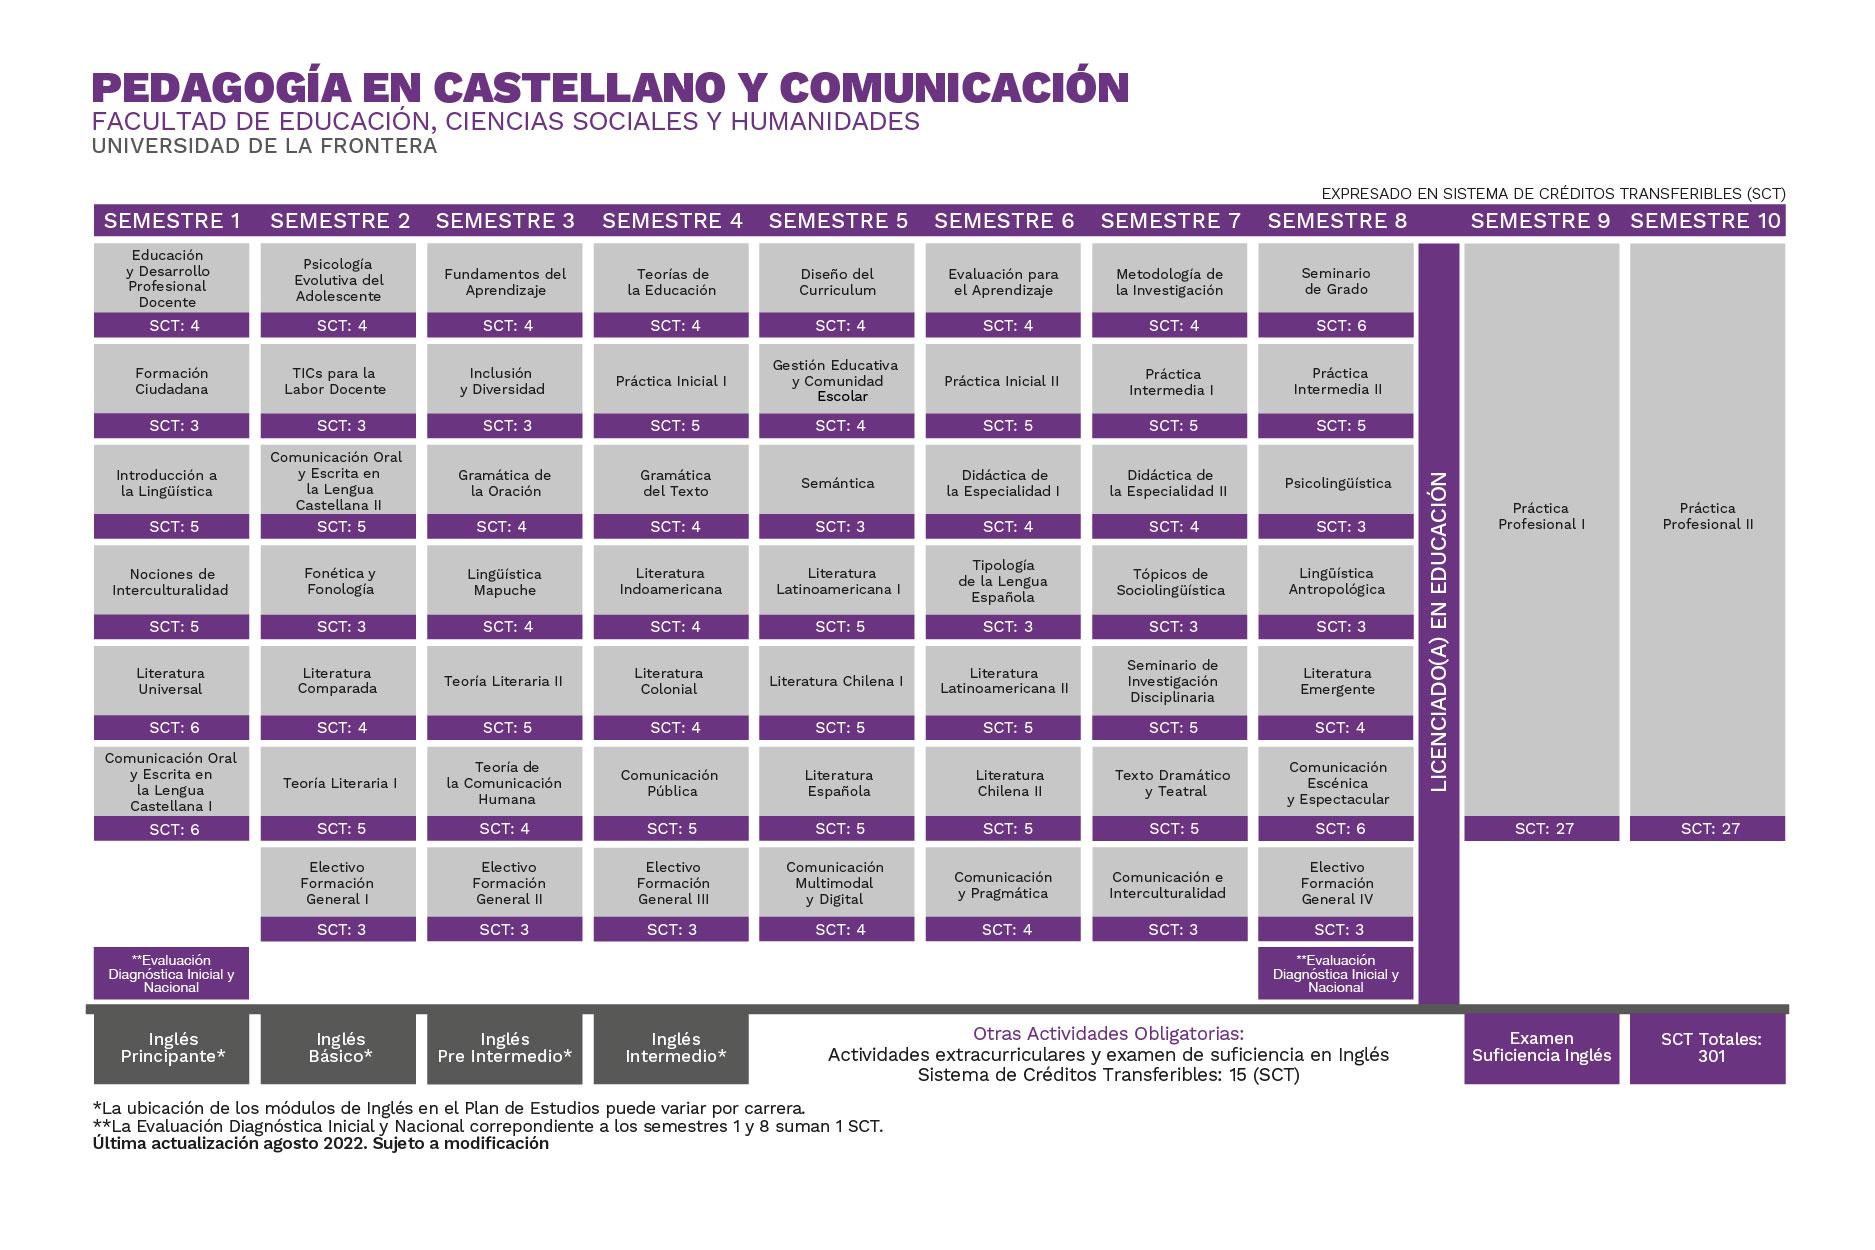 Plan de Estudios Pedagogía en Castellano y Comunicación